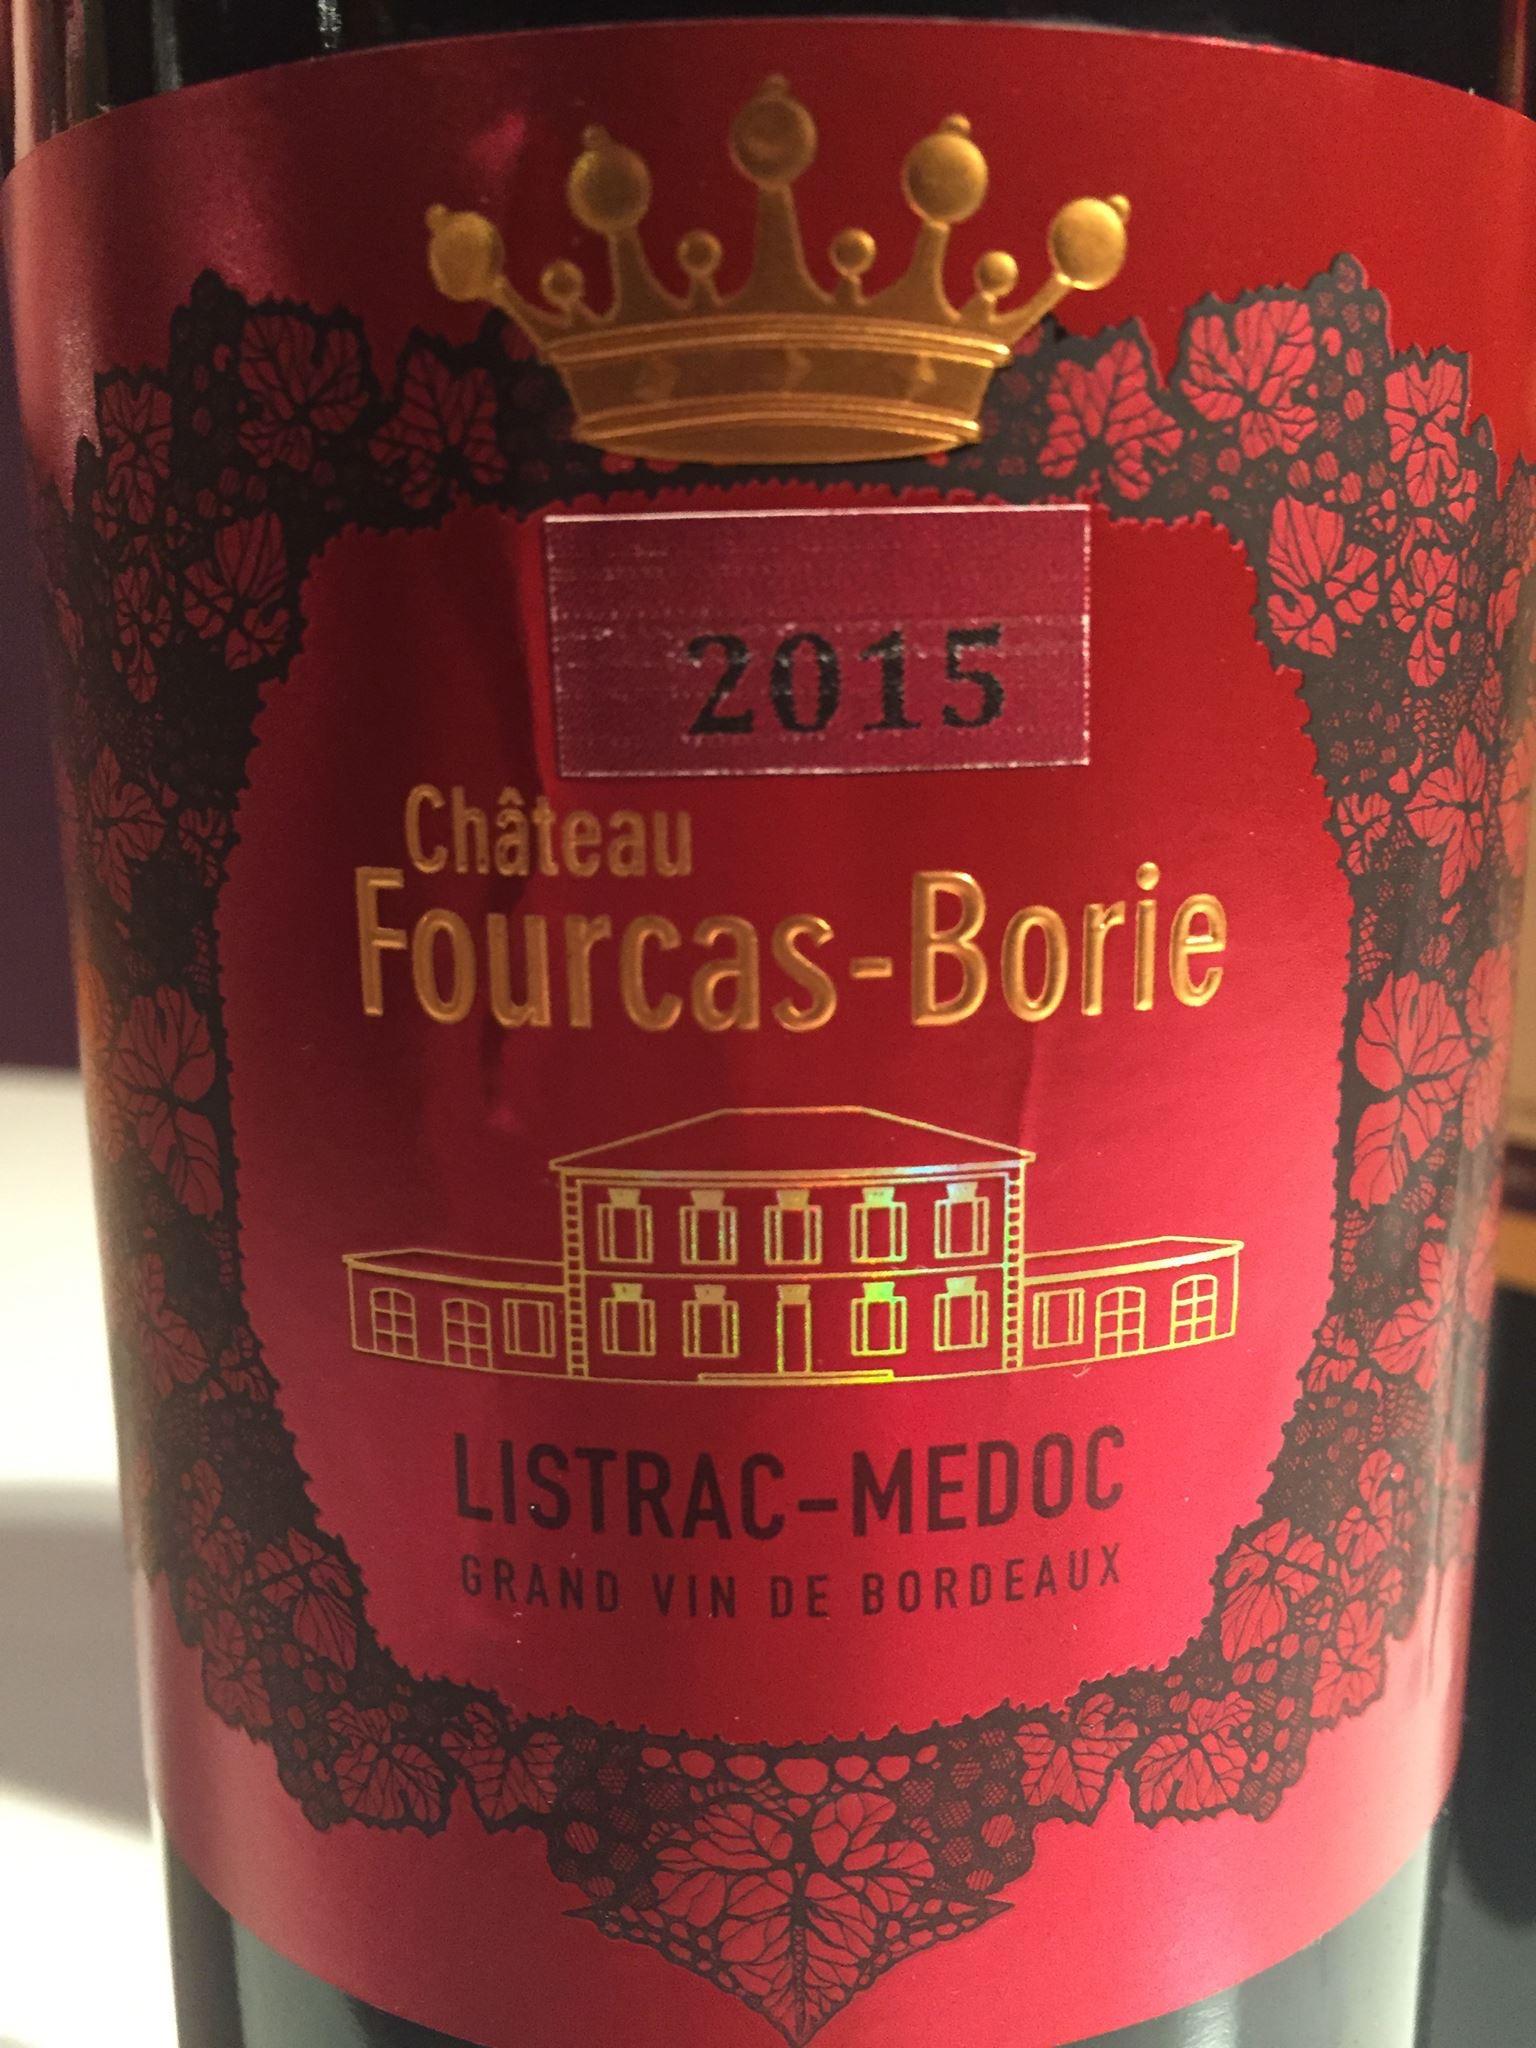 Château Fourcas-Borie 2015 – Listrac-Médoc